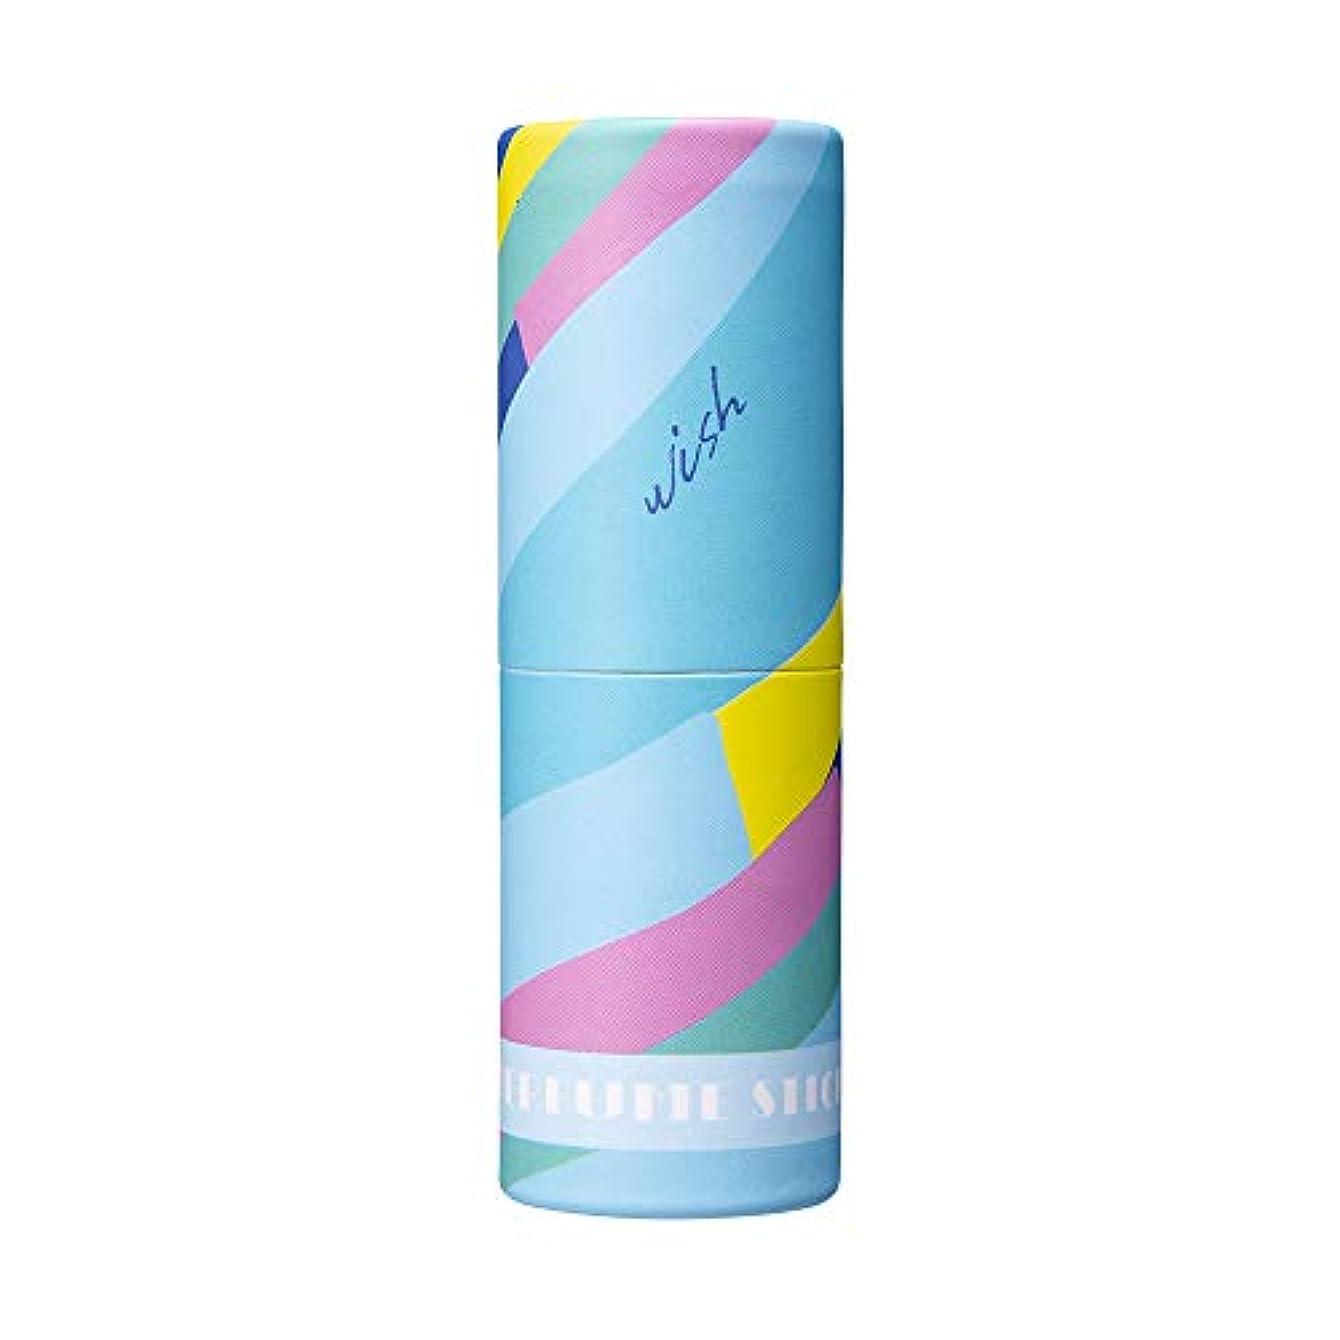 そんなに女将シプリーパフュームスティック ウィッシュ ホワイトフラワー&シャボンの香り オリジナルデザイン 5g